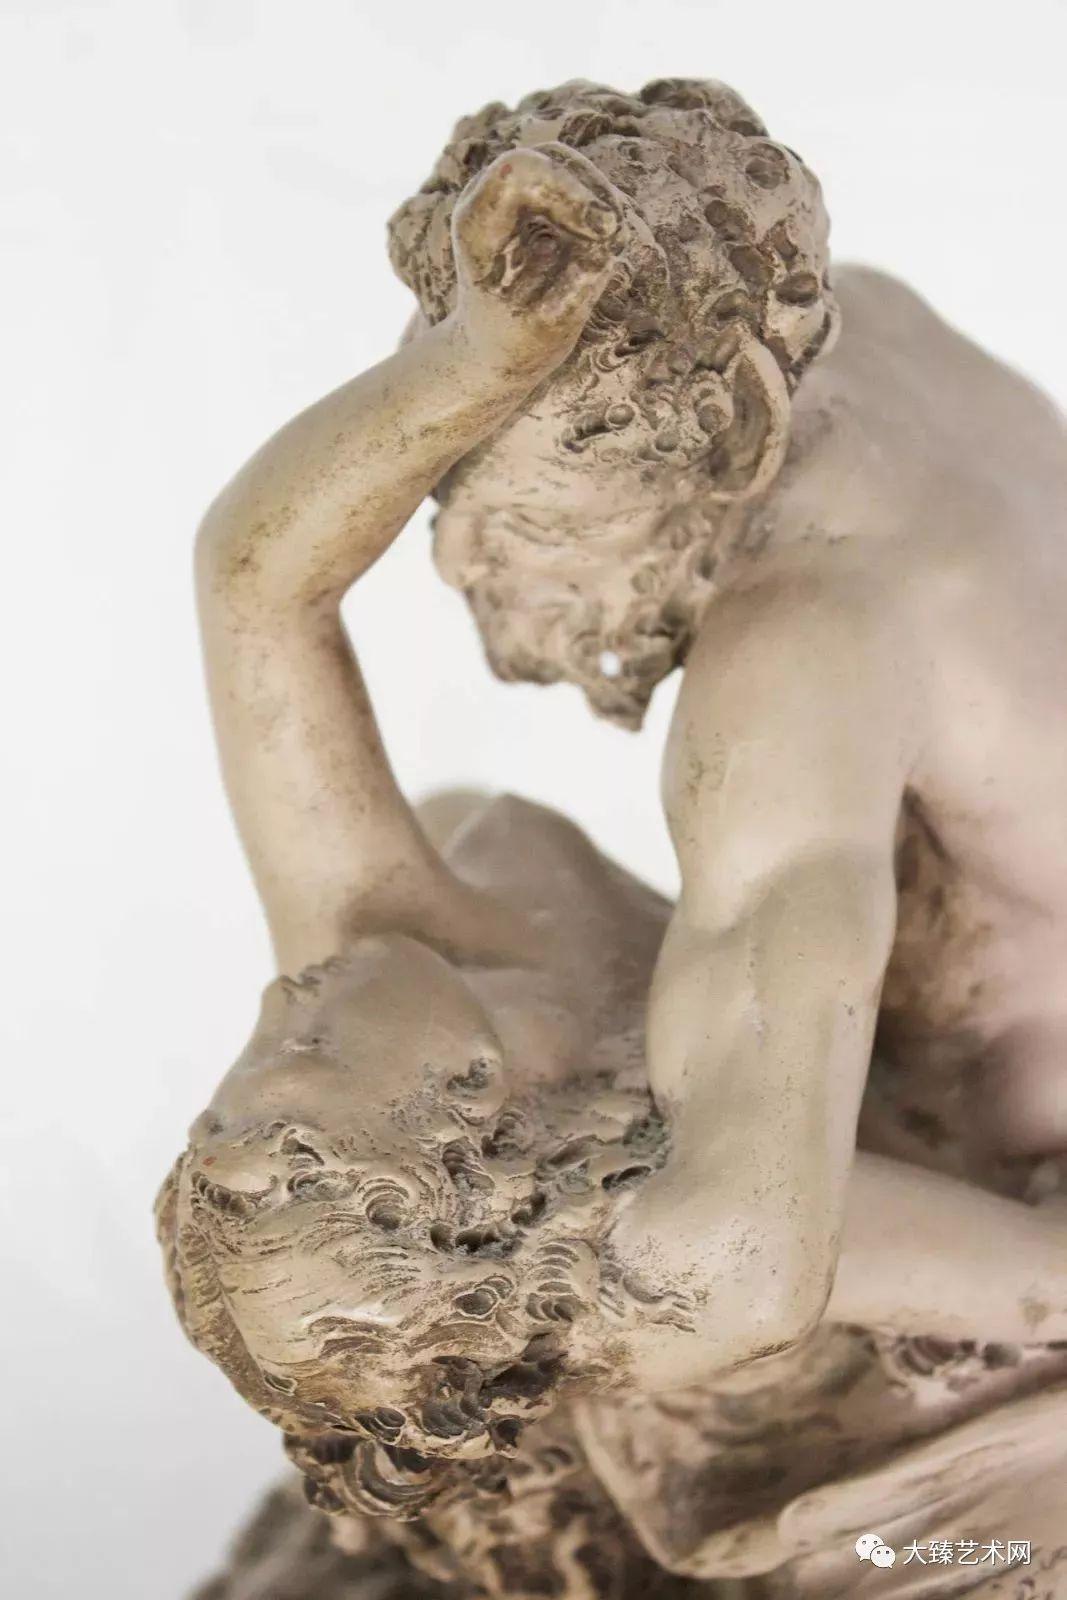 农村人体艺术家_法国艺术家   albert carrier-belleuse 人体雕塑作品